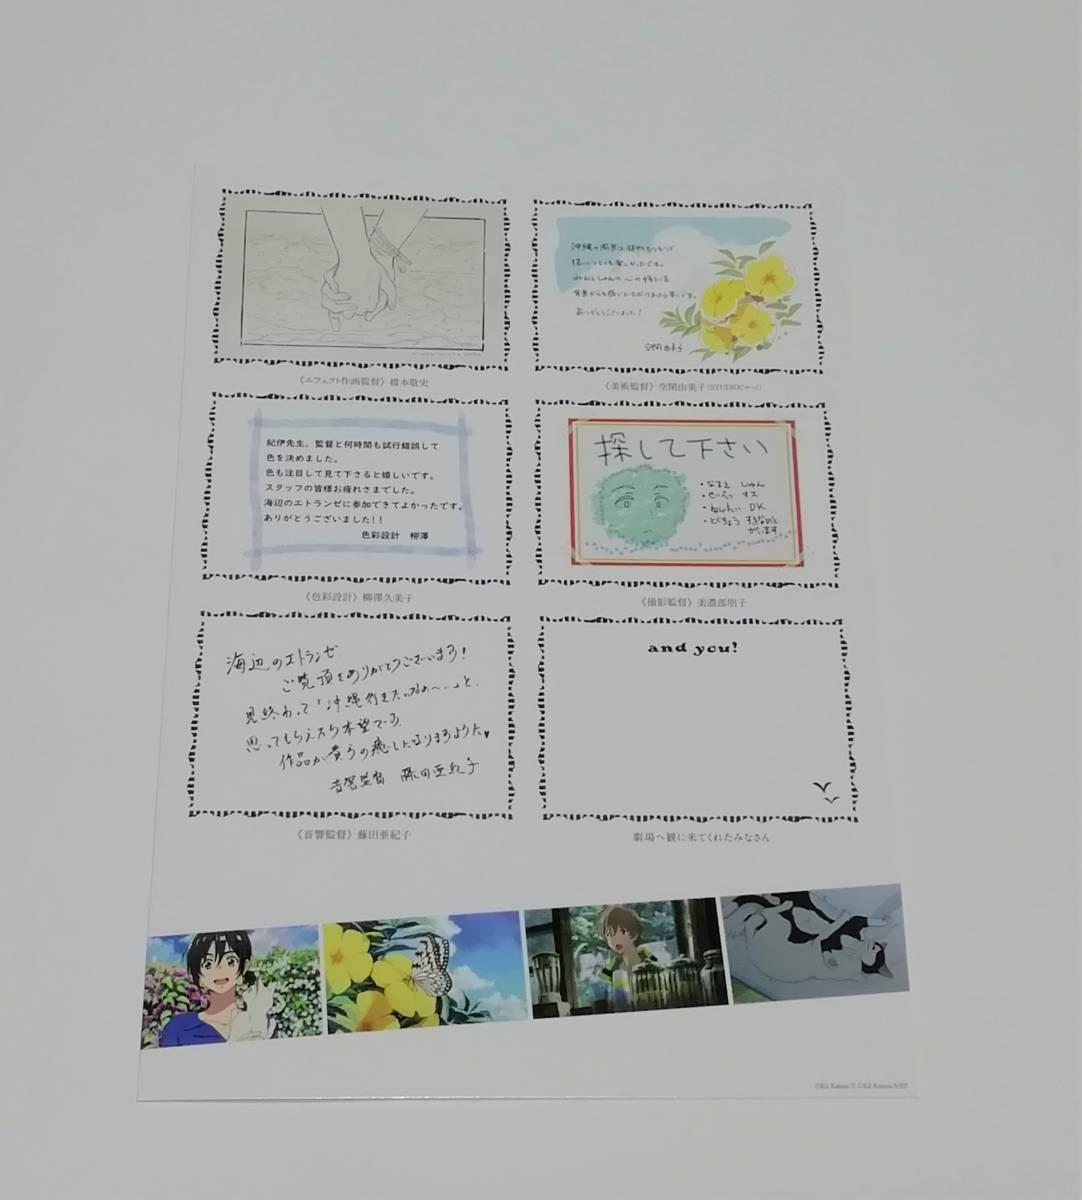 映画 海辺のエトランゼ 来場者特典 リーフレット 紀伊カンナ_裏